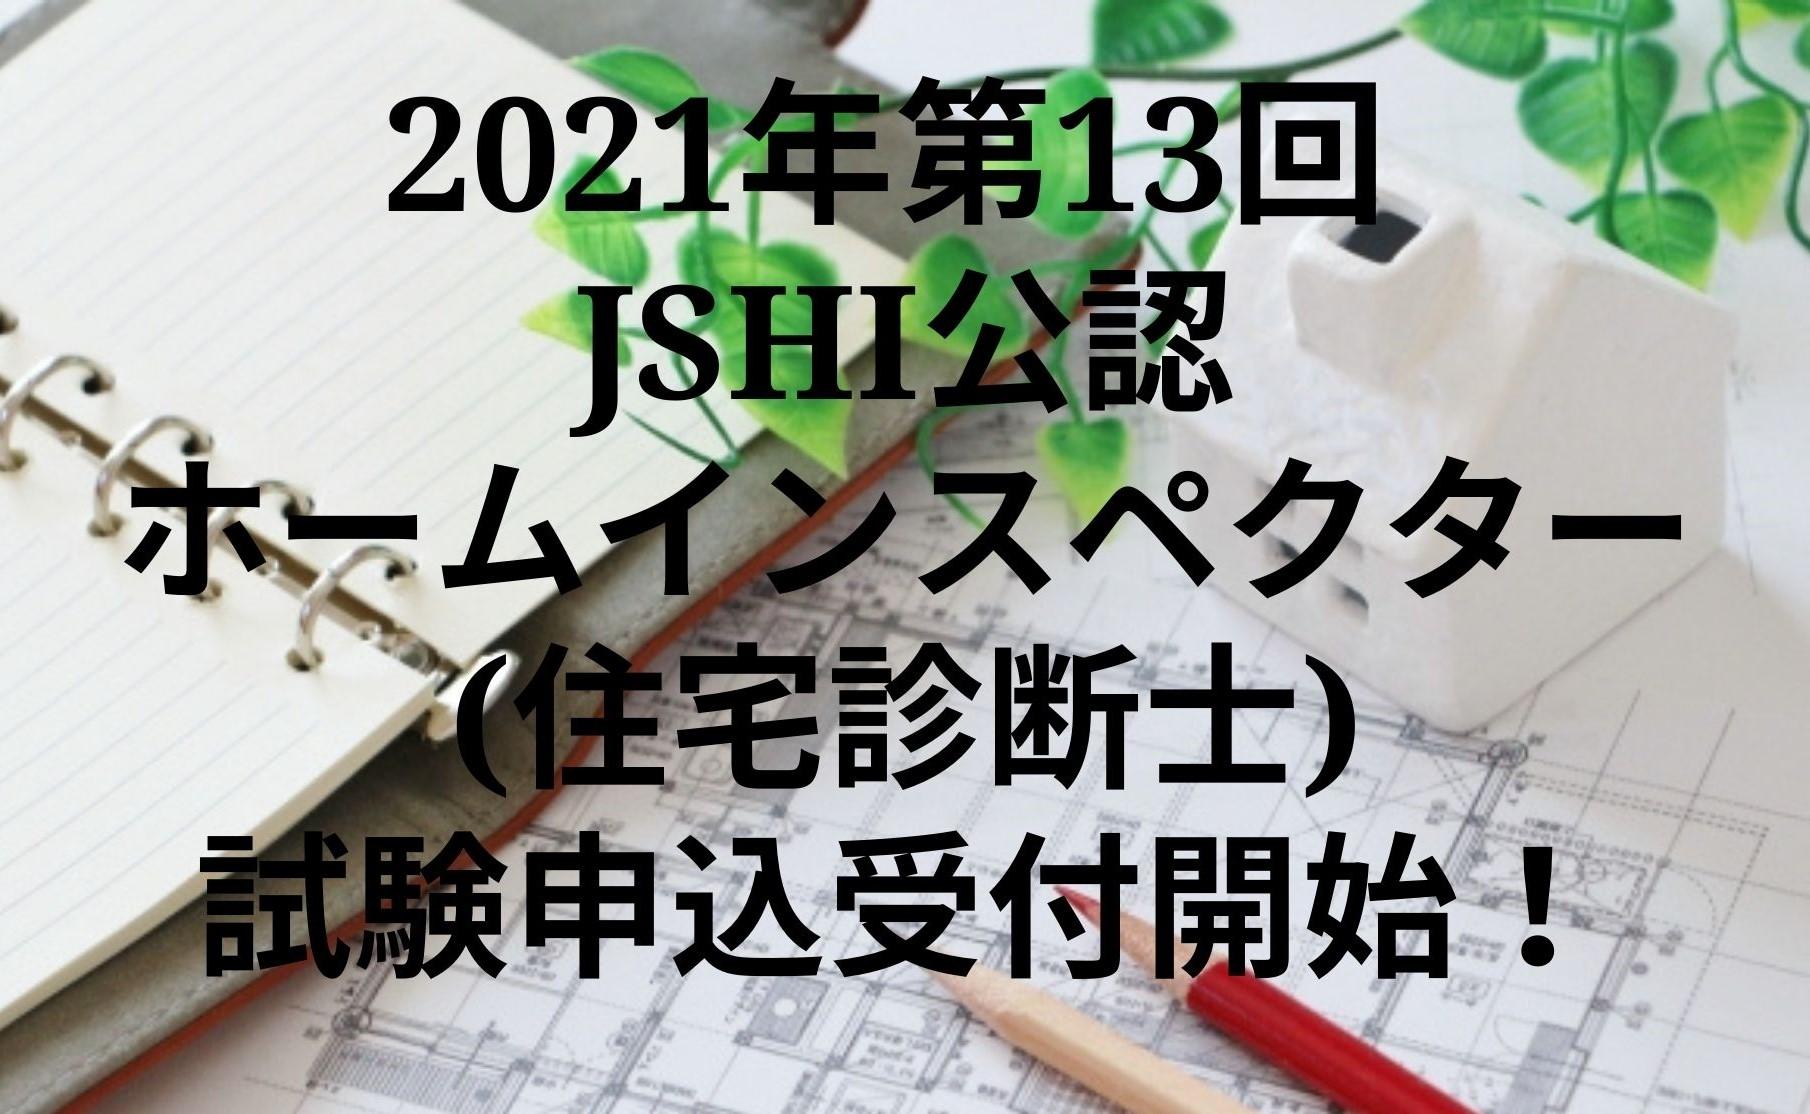 2021年度 第13回 JSHI公認ホームインスペクター(住宅診断士)資格試験申込開始!